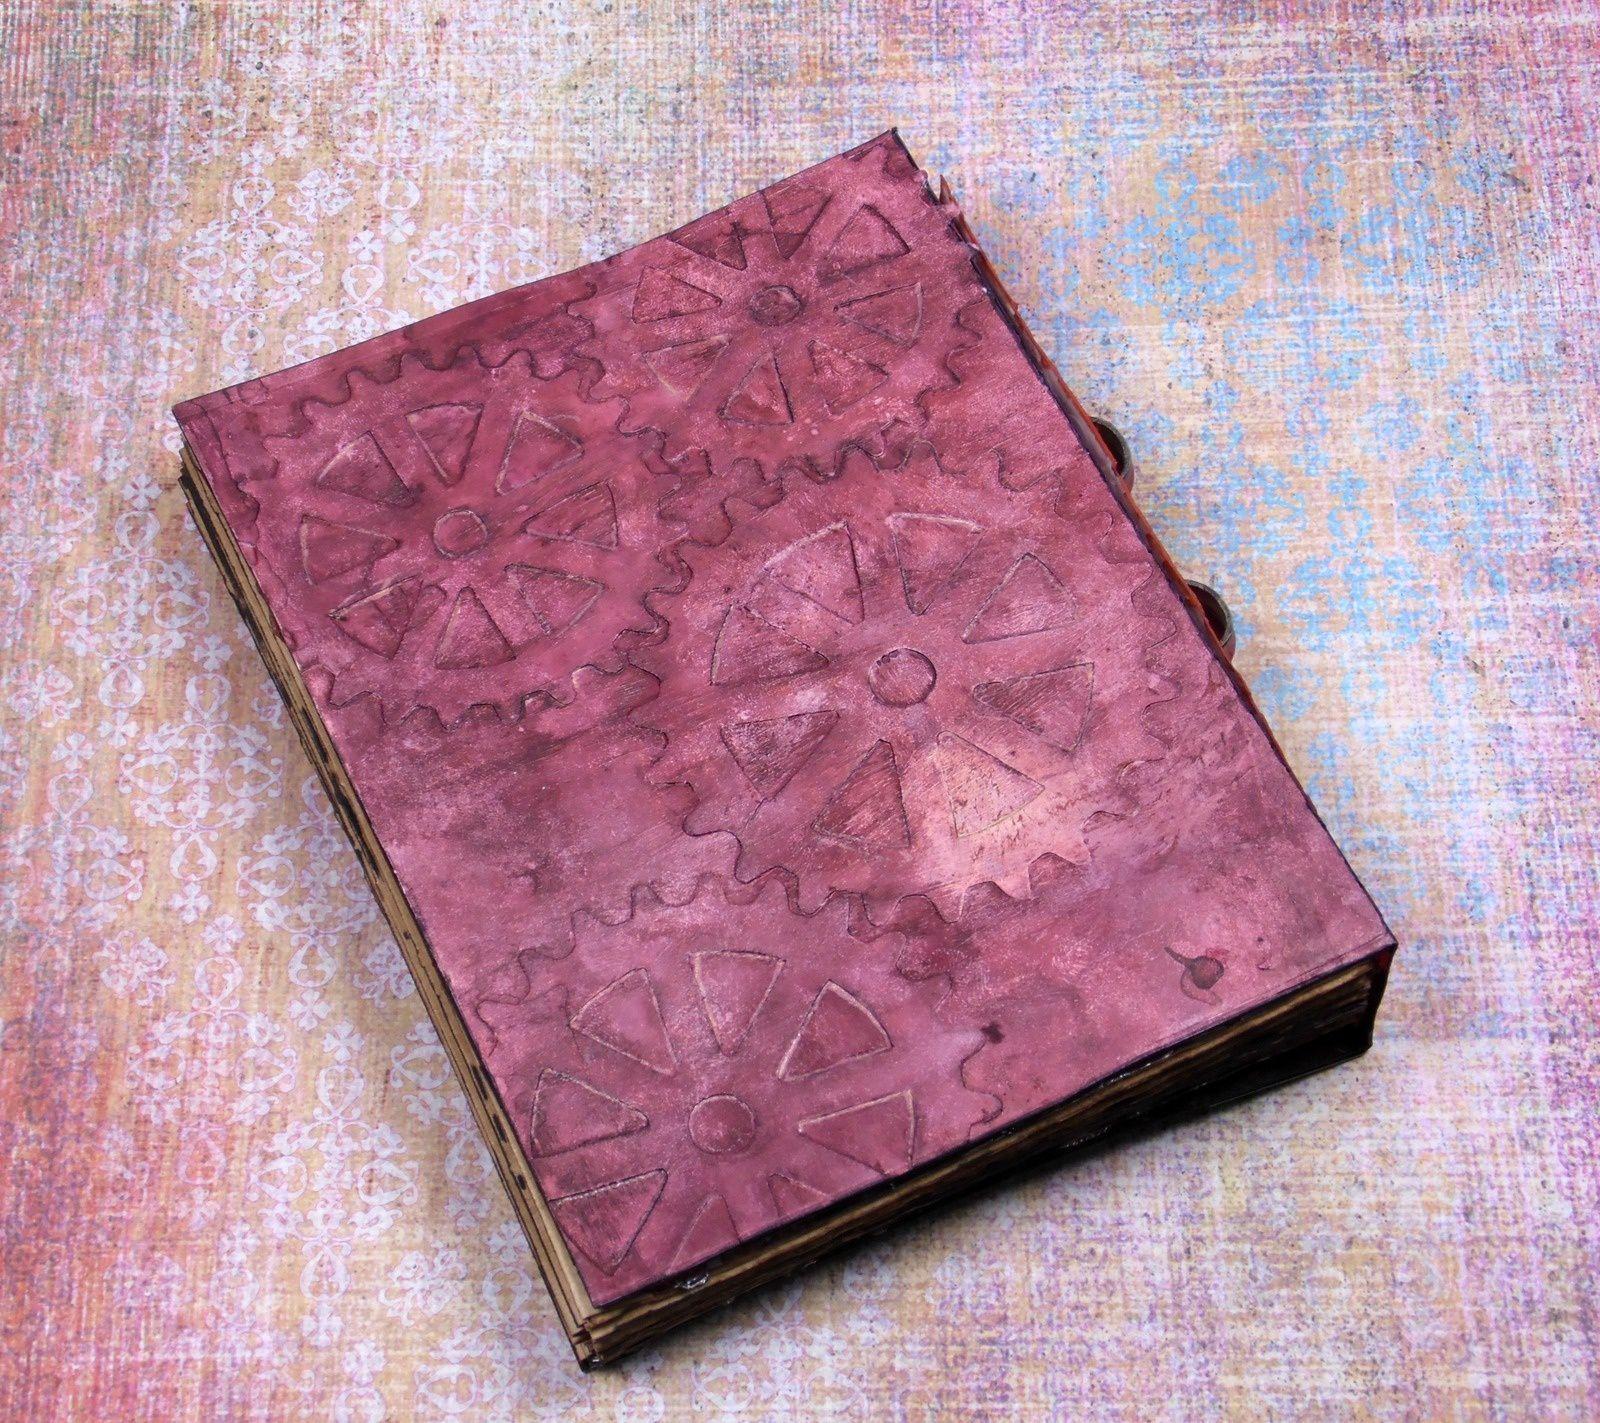 Faux livre altéré steampunk &quot&#x3B;FLY&quot&#x3B;